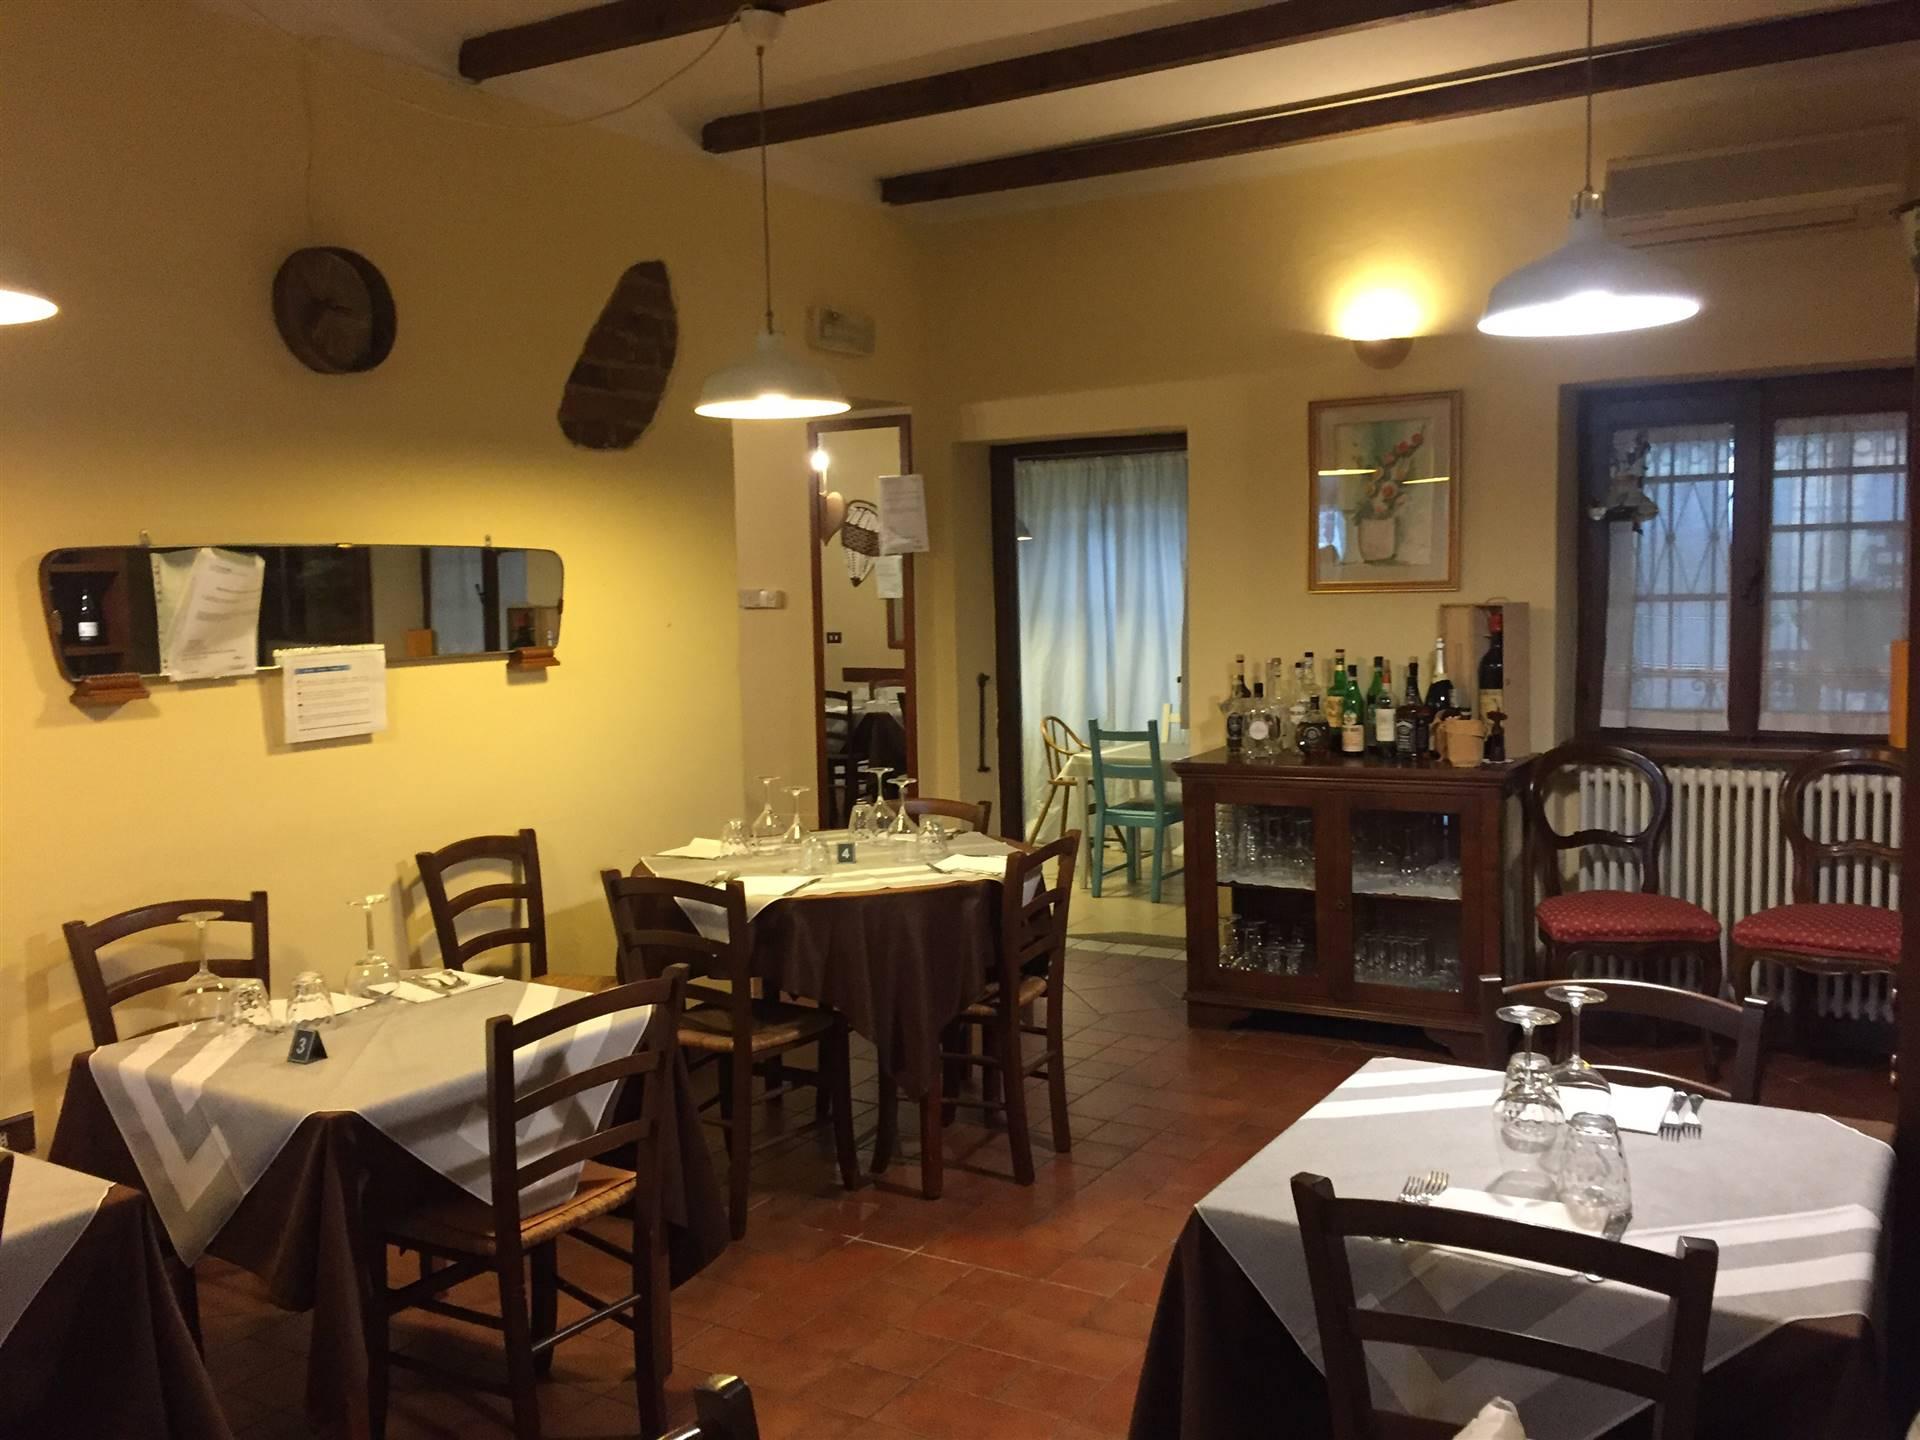 Ristorante / Pizzeria / Trattoria in vendita a Casaletto Lodigiano, 4 locali, prezzo € 60.000   PortaleAgenzieImmobiliari.it